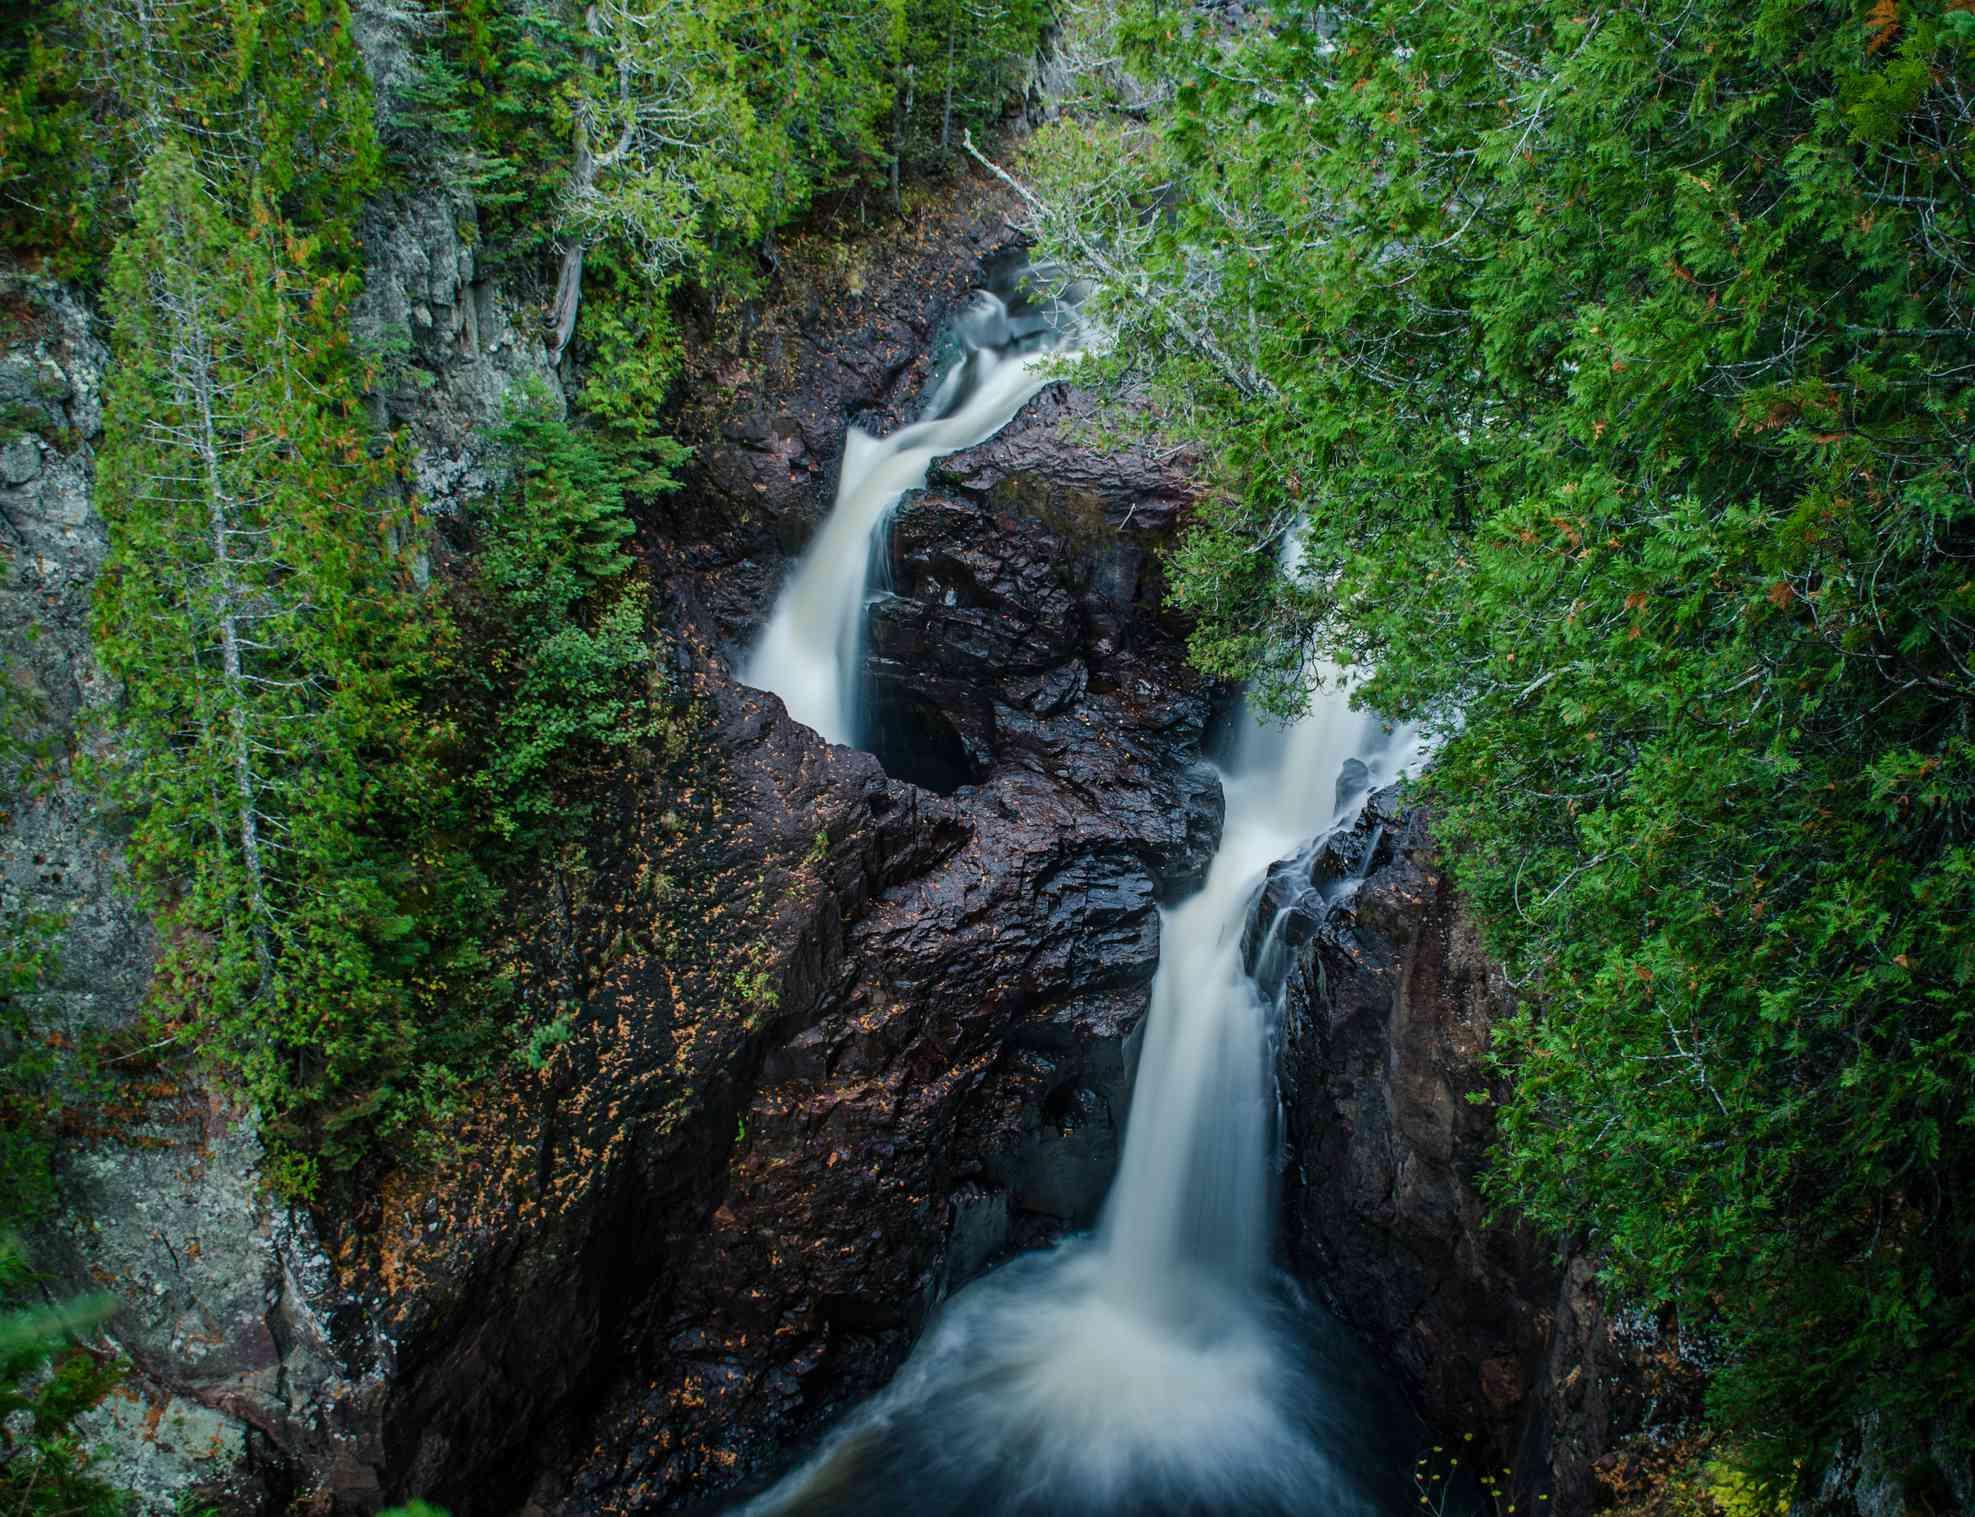 Twin waterfalls flow in a forest landscape